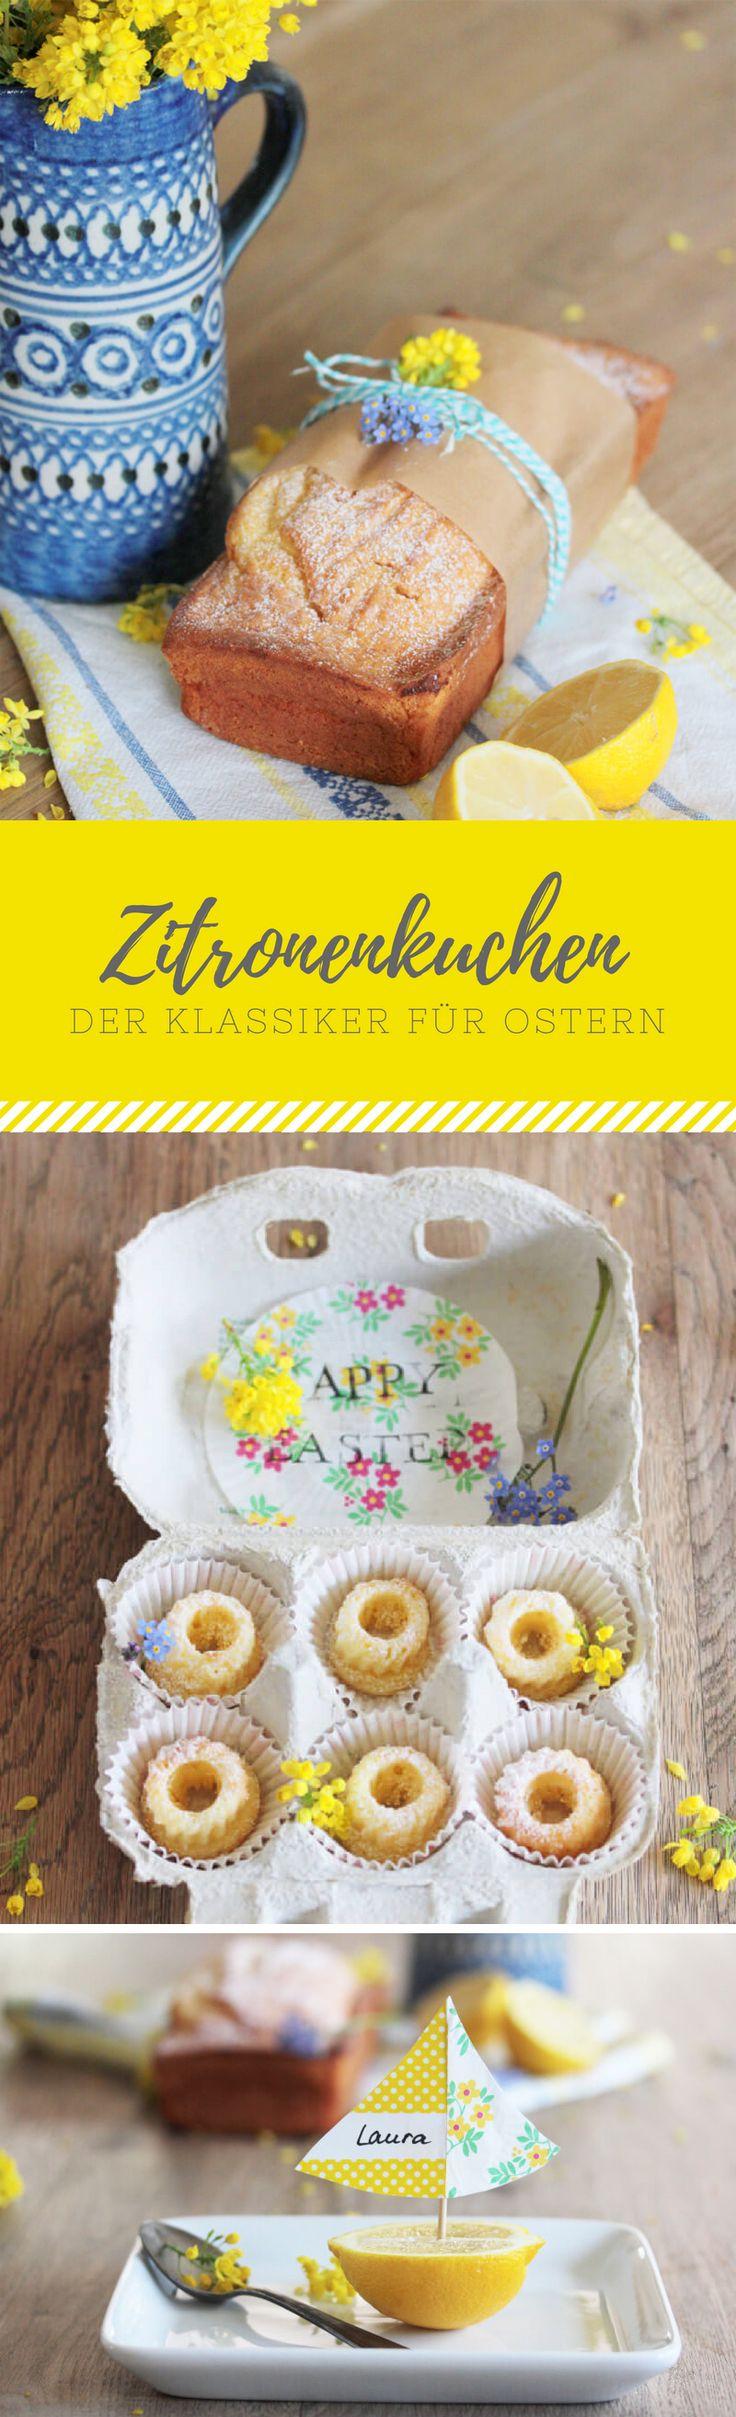 Der Klassiker perfekt für Ostern: Zitronenkuchen. Außerdem zeige ich euch noch eine Geschenkidee: Mini-Gugelhupfe und wie ihr aus den restlichen Zitronen Tischkarten basteln könnt.